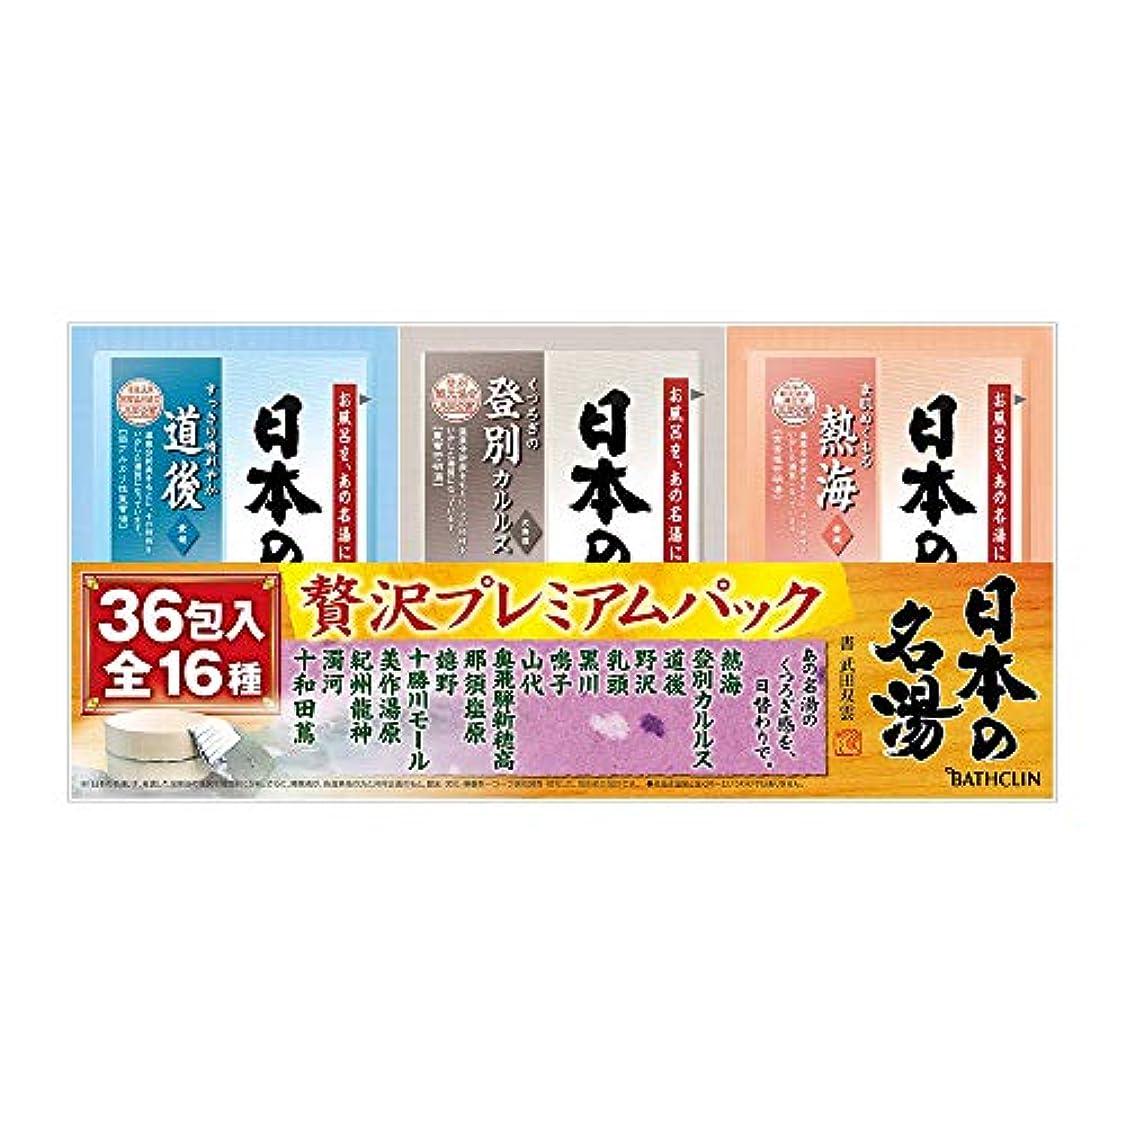 逃げる広範囲と【医薬部外品/大容量】日本の名湯入浴剤 贅沢プレミアムパック36包入 個包装 詰め合わせ 温泉タイプ